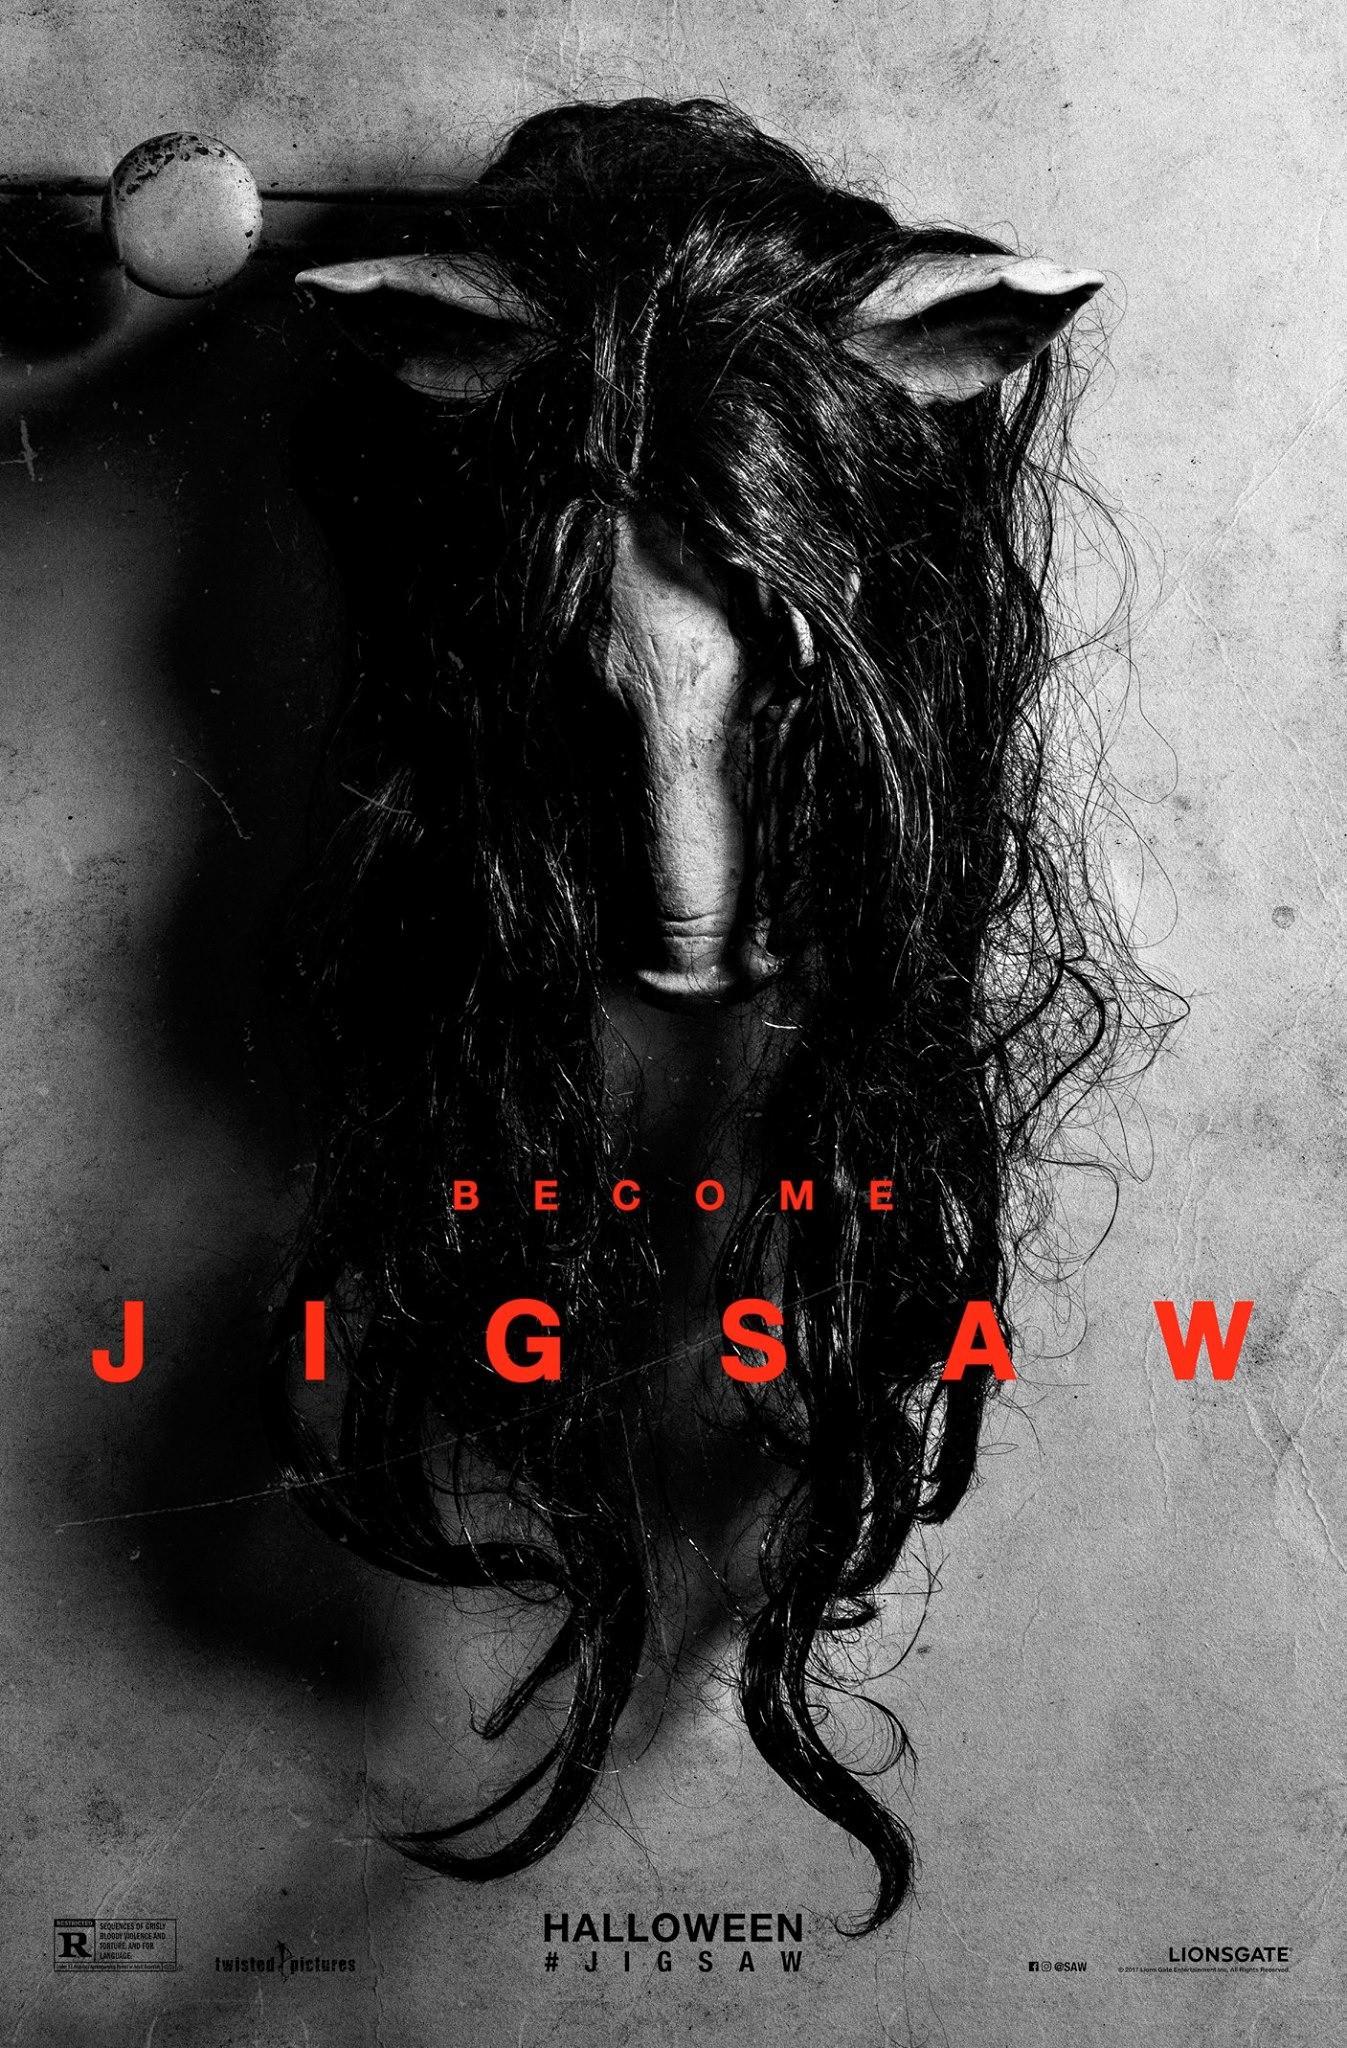 Jigsaw (2017) HD Wallpaper From Gallsource.com